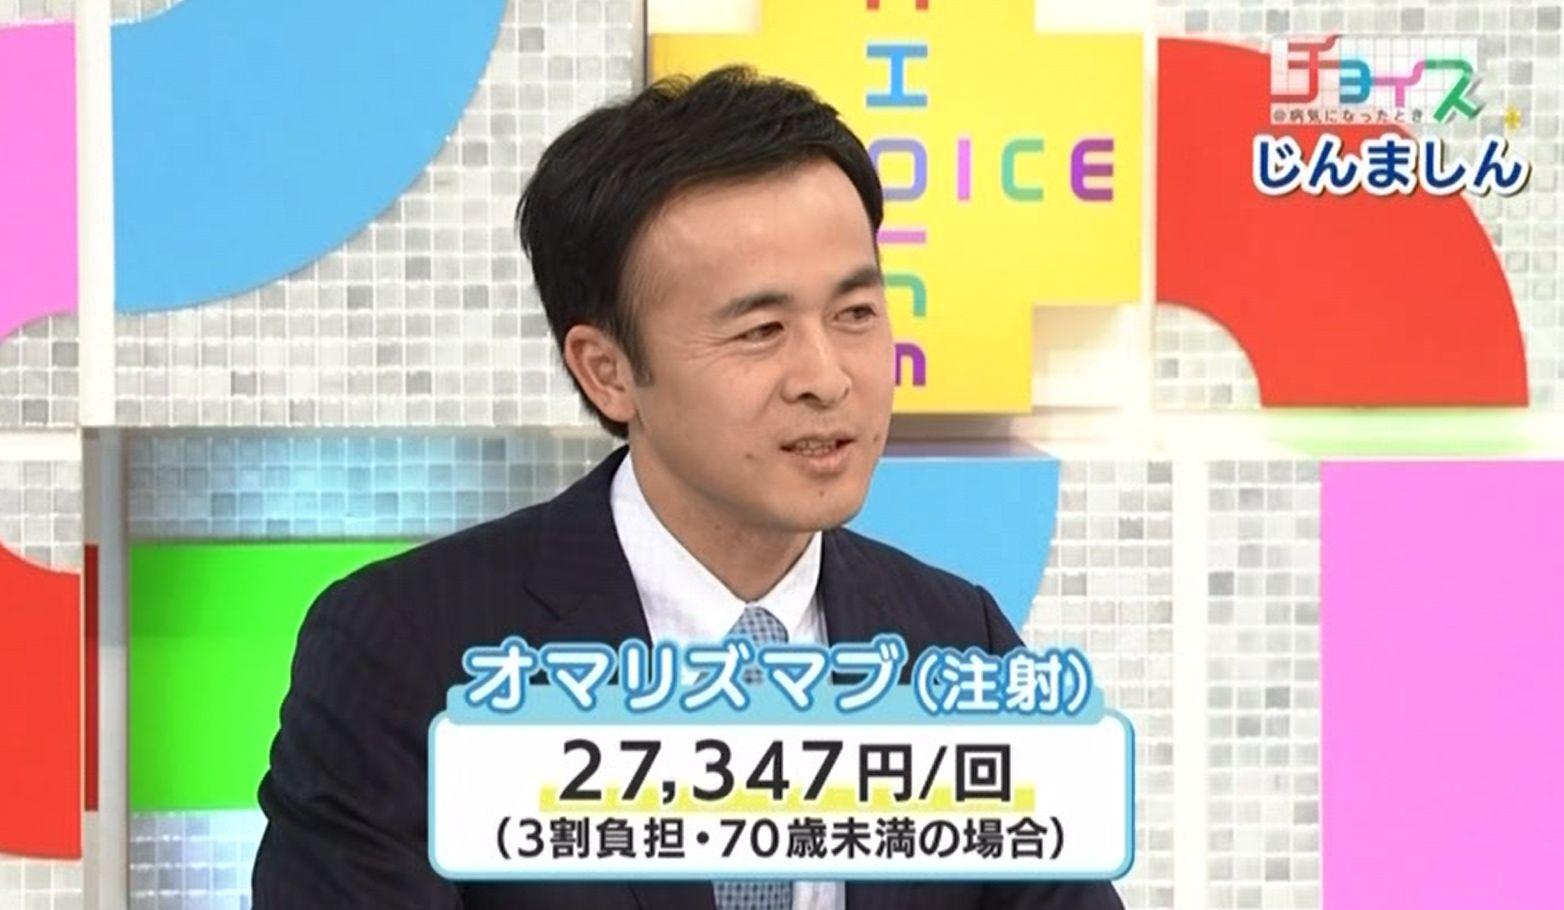 オマリズマブ(注射)の料金は27,347円/回 ※(3割負担・70歳未満の場合)